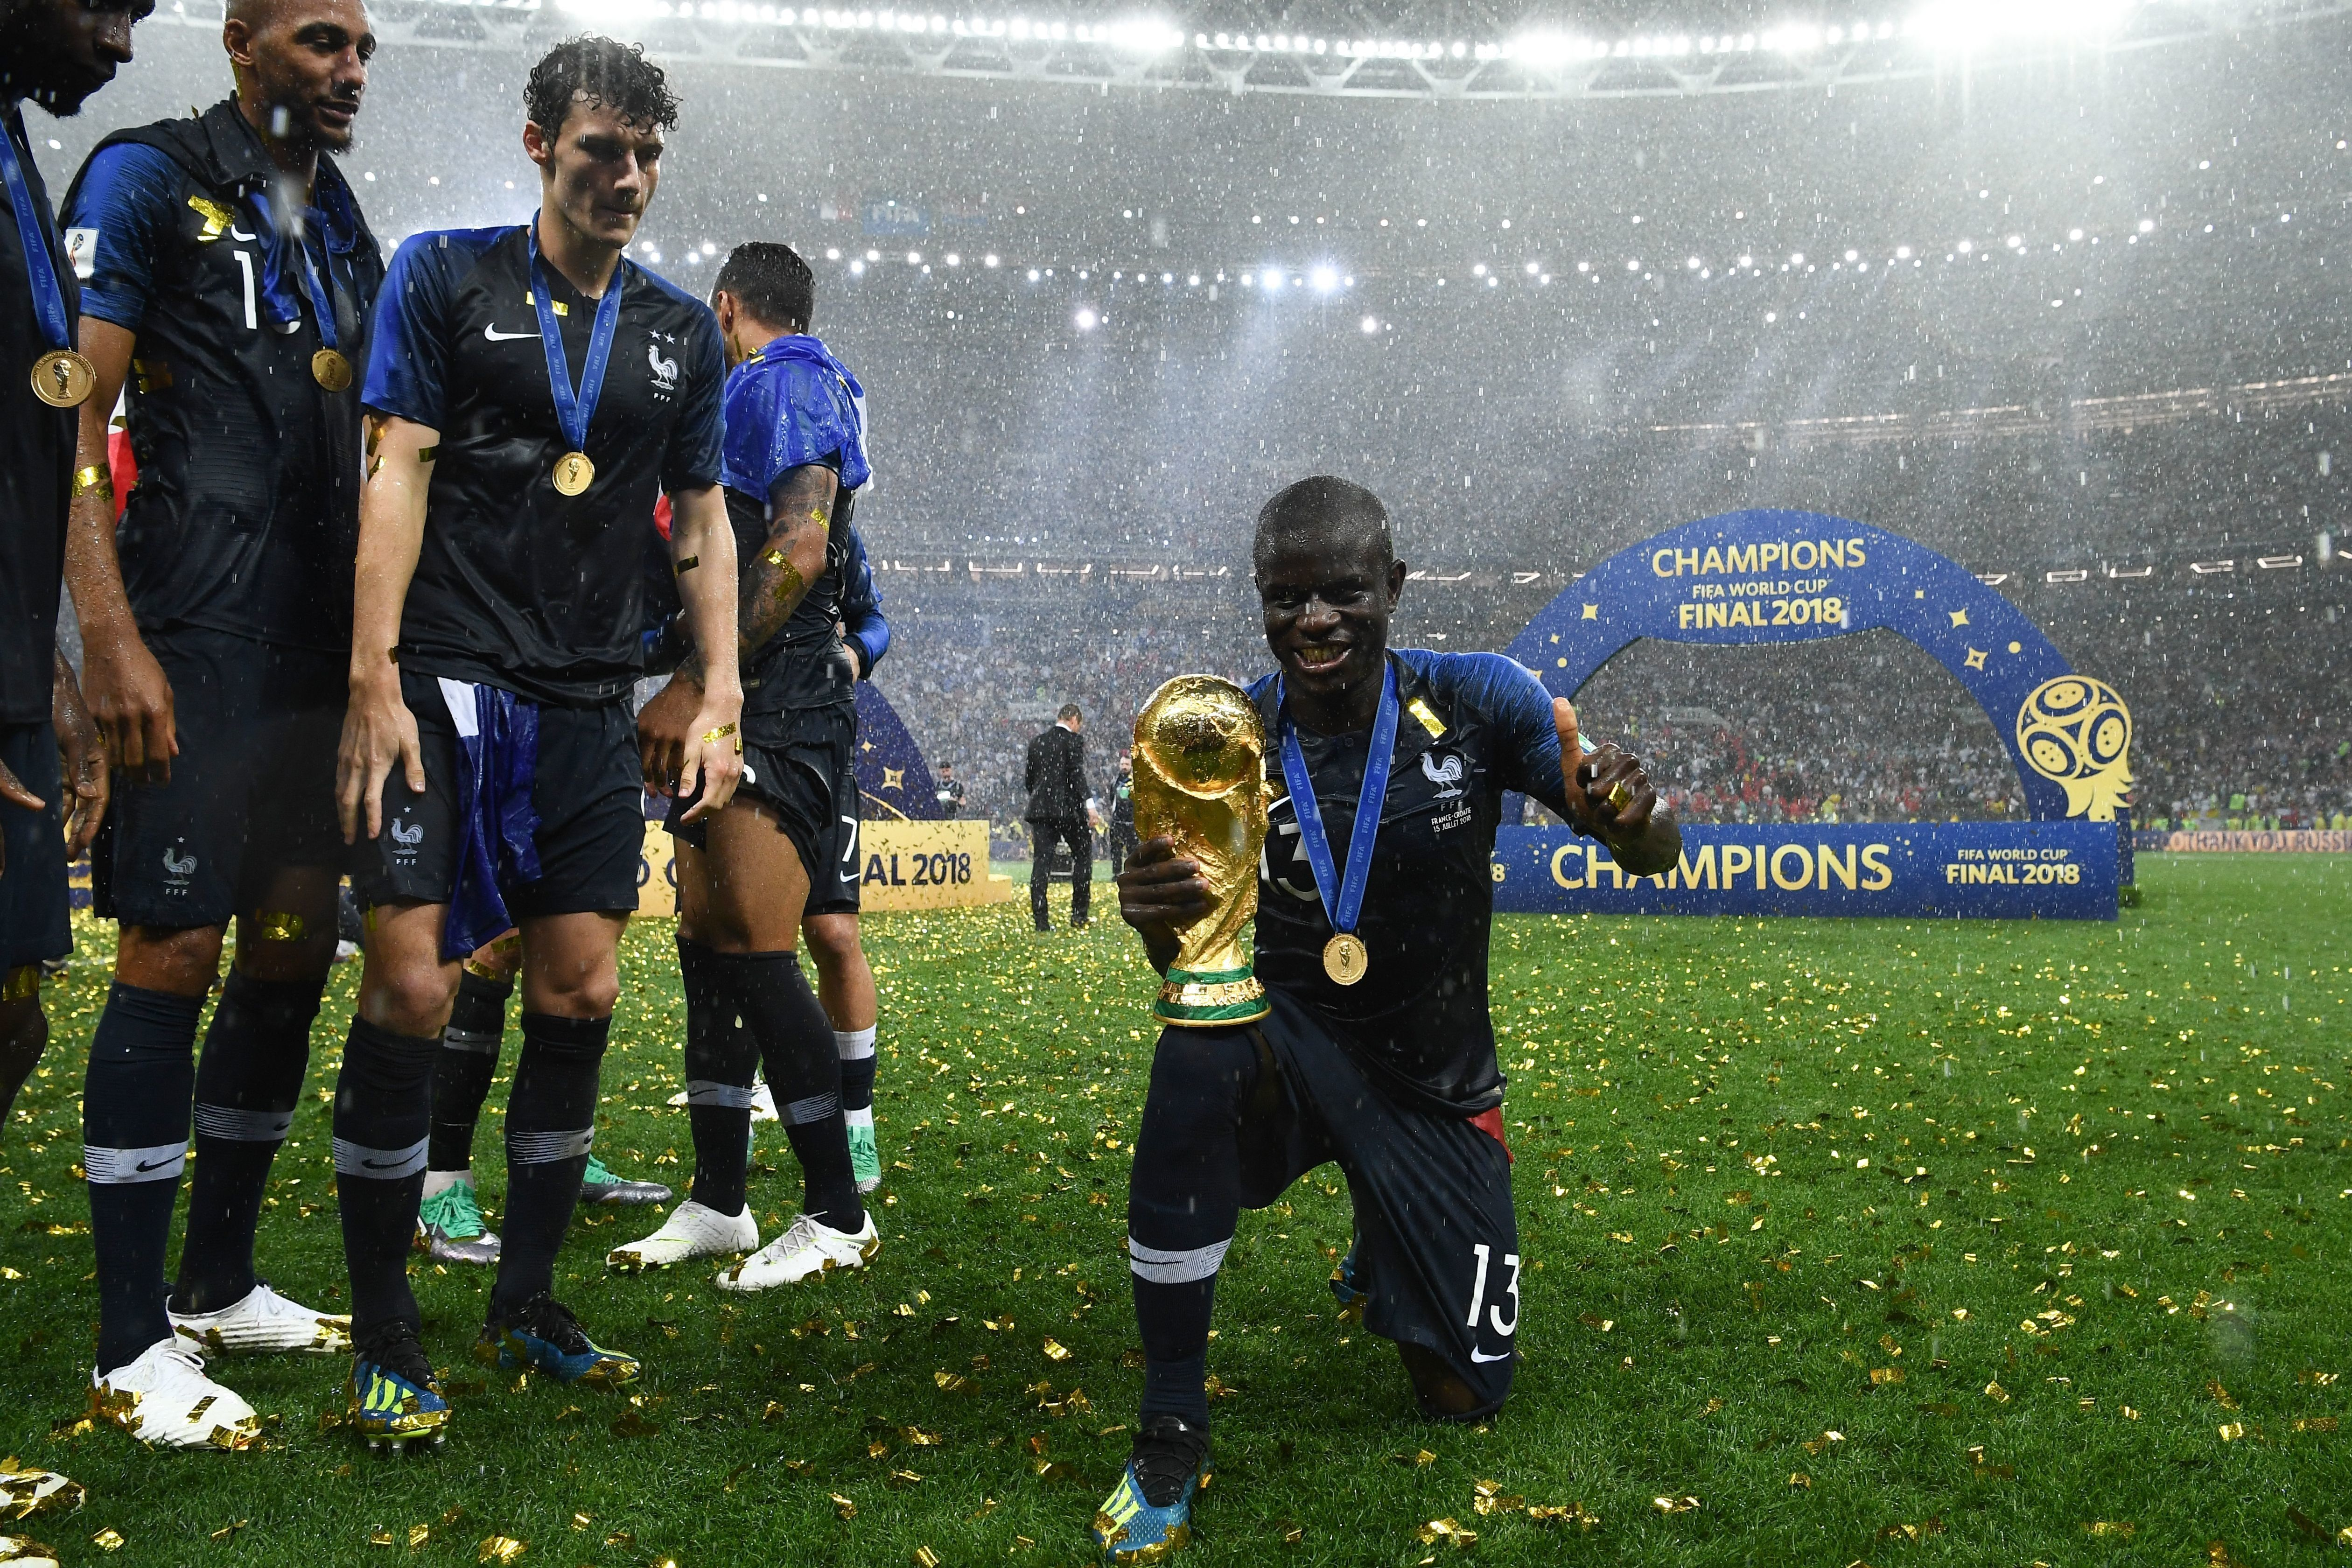 '프랑스의 귀염둥이' 캉테는 월드컵 트로피를 들고 싶었지만, 너무